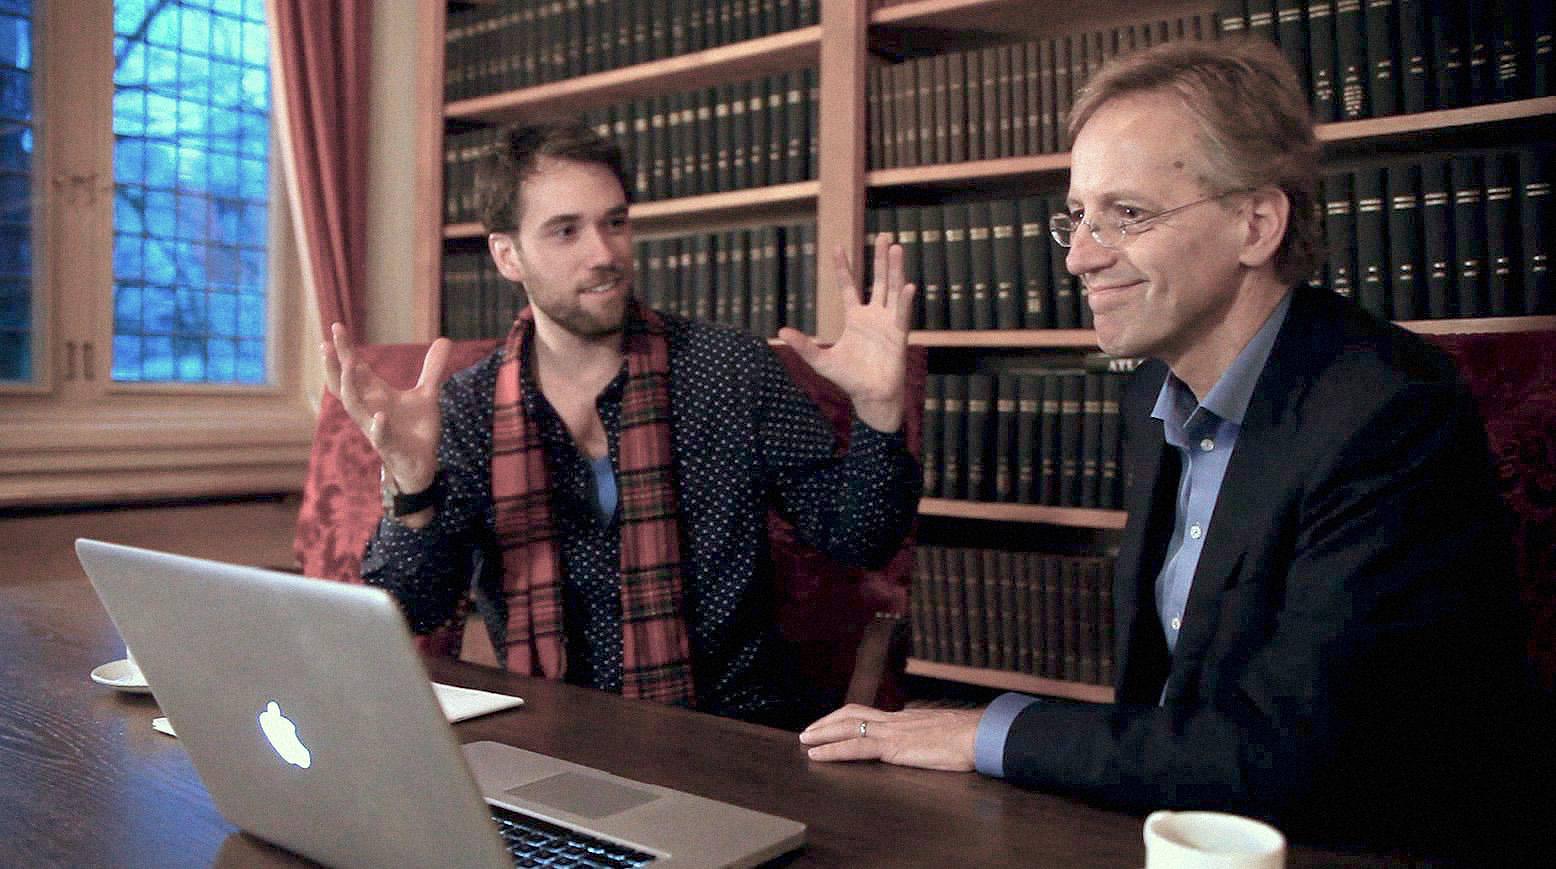 in conversation with Prof. Robbert Dijkgraaf